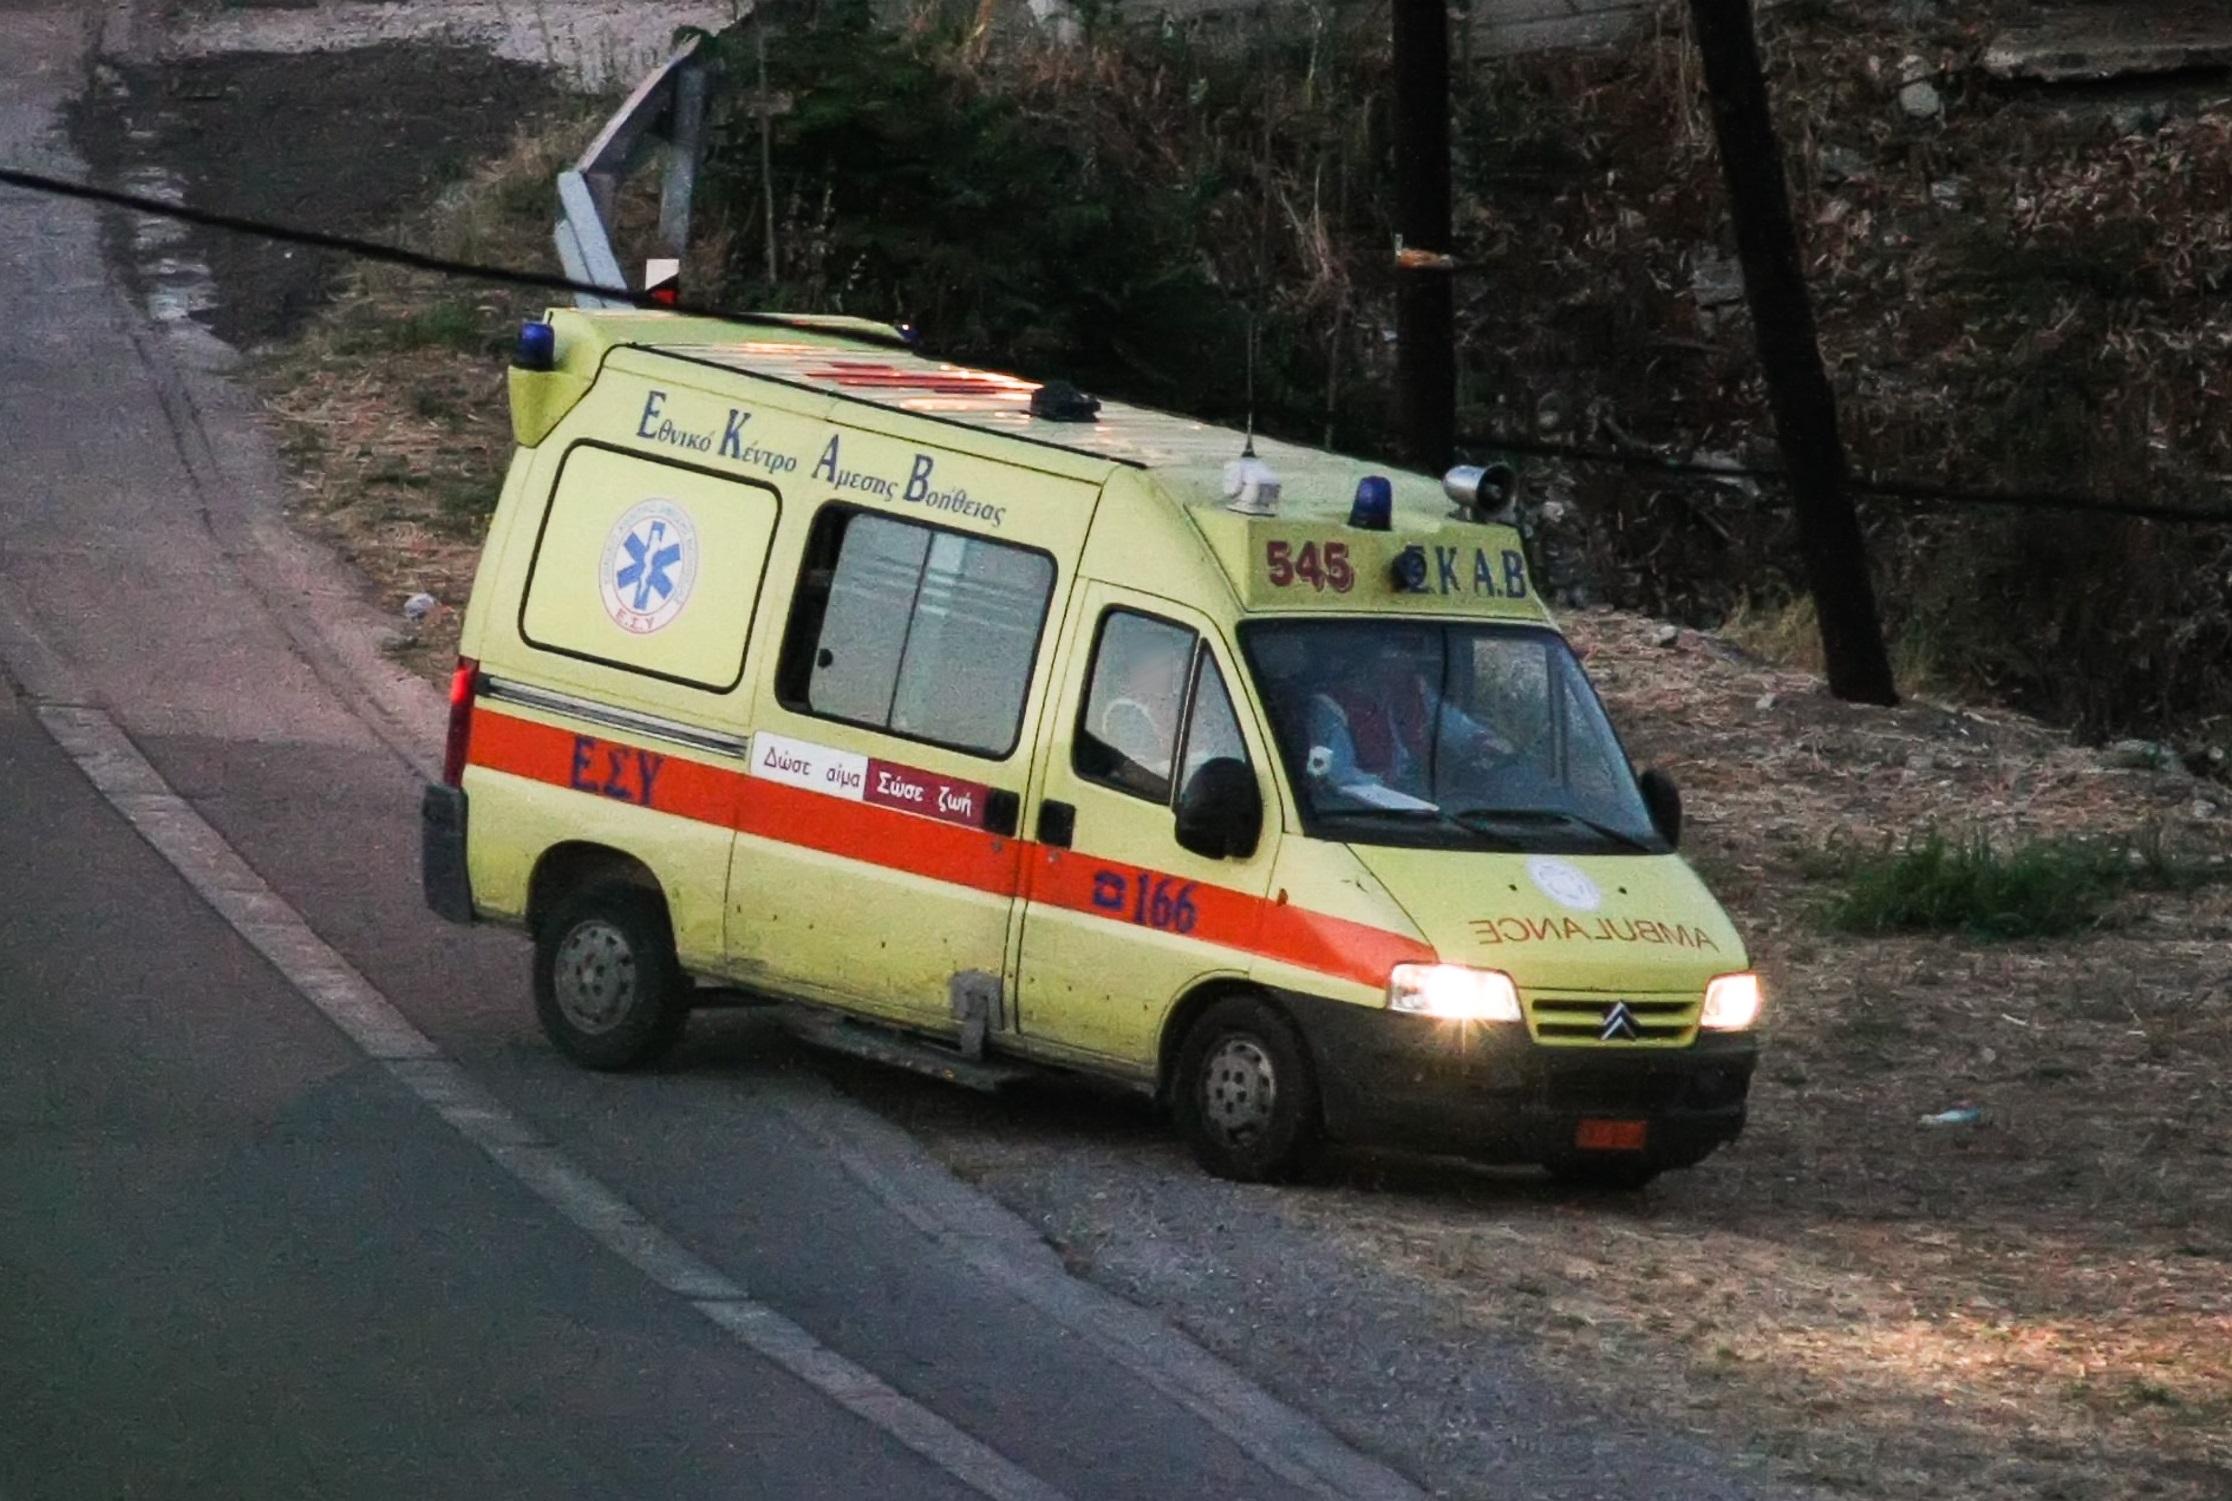 Τραγωδία στη Νάουσα! Σκοτώθηκε 14χρονος που οδηγούσε μηχανάκι